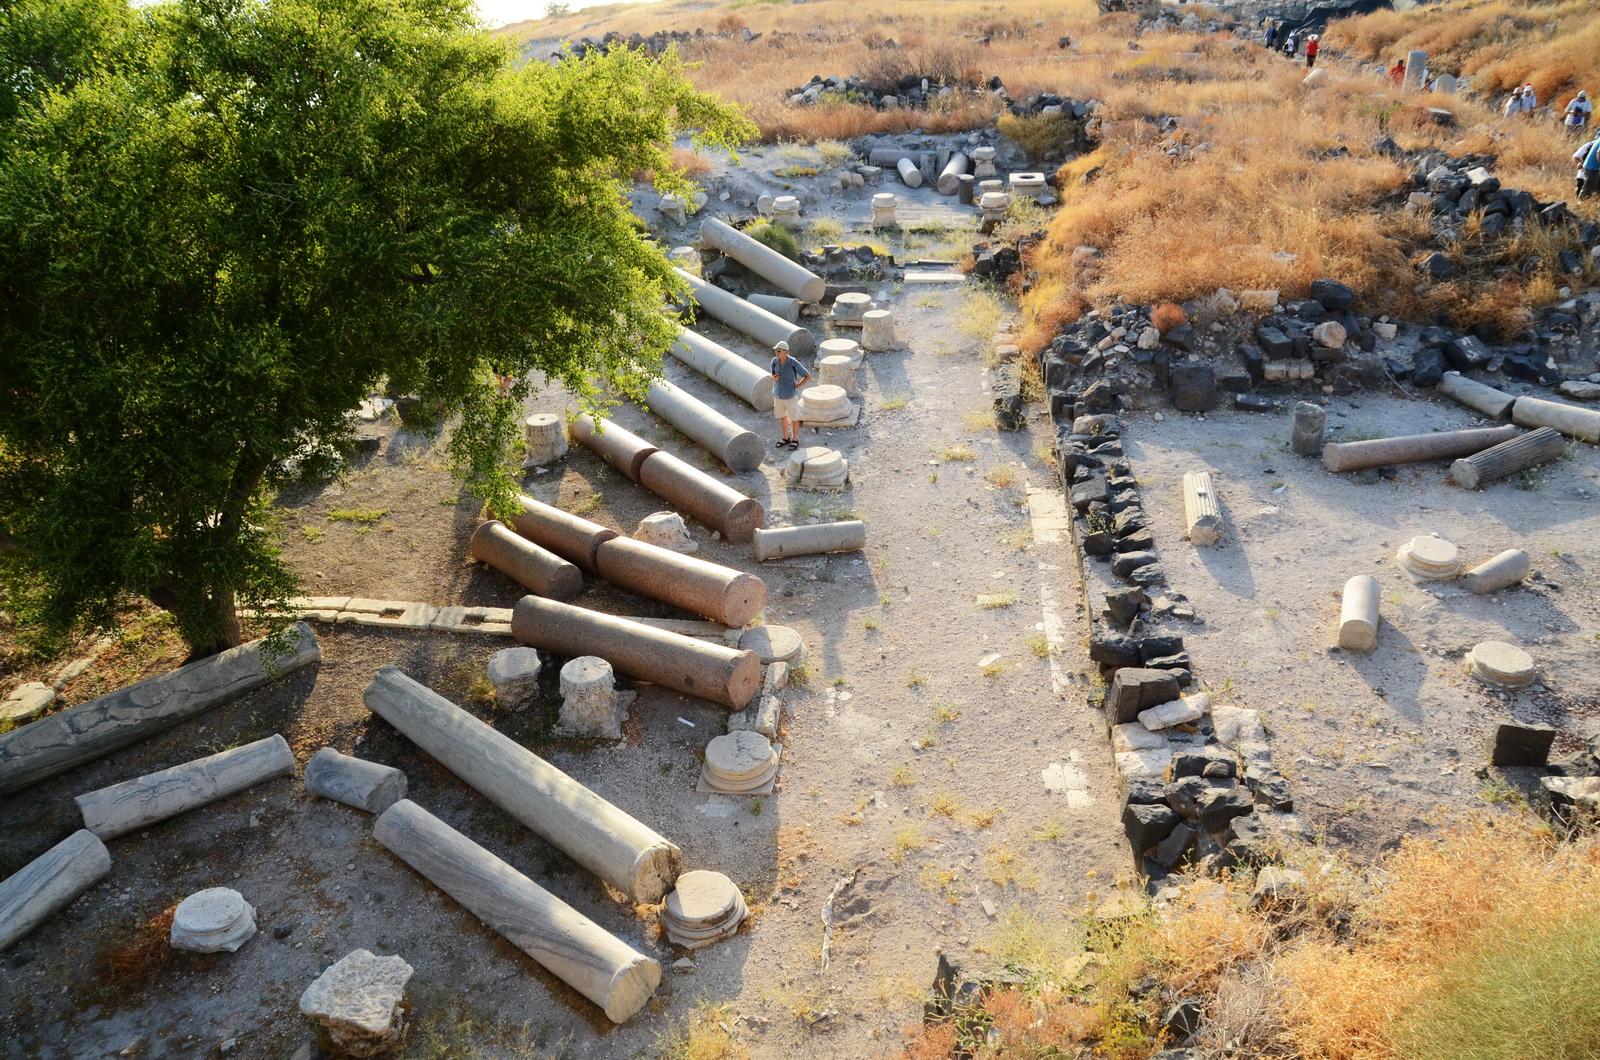 סוסיתא - עמודי הקתדרלה הנפולים מרעידת אדמה